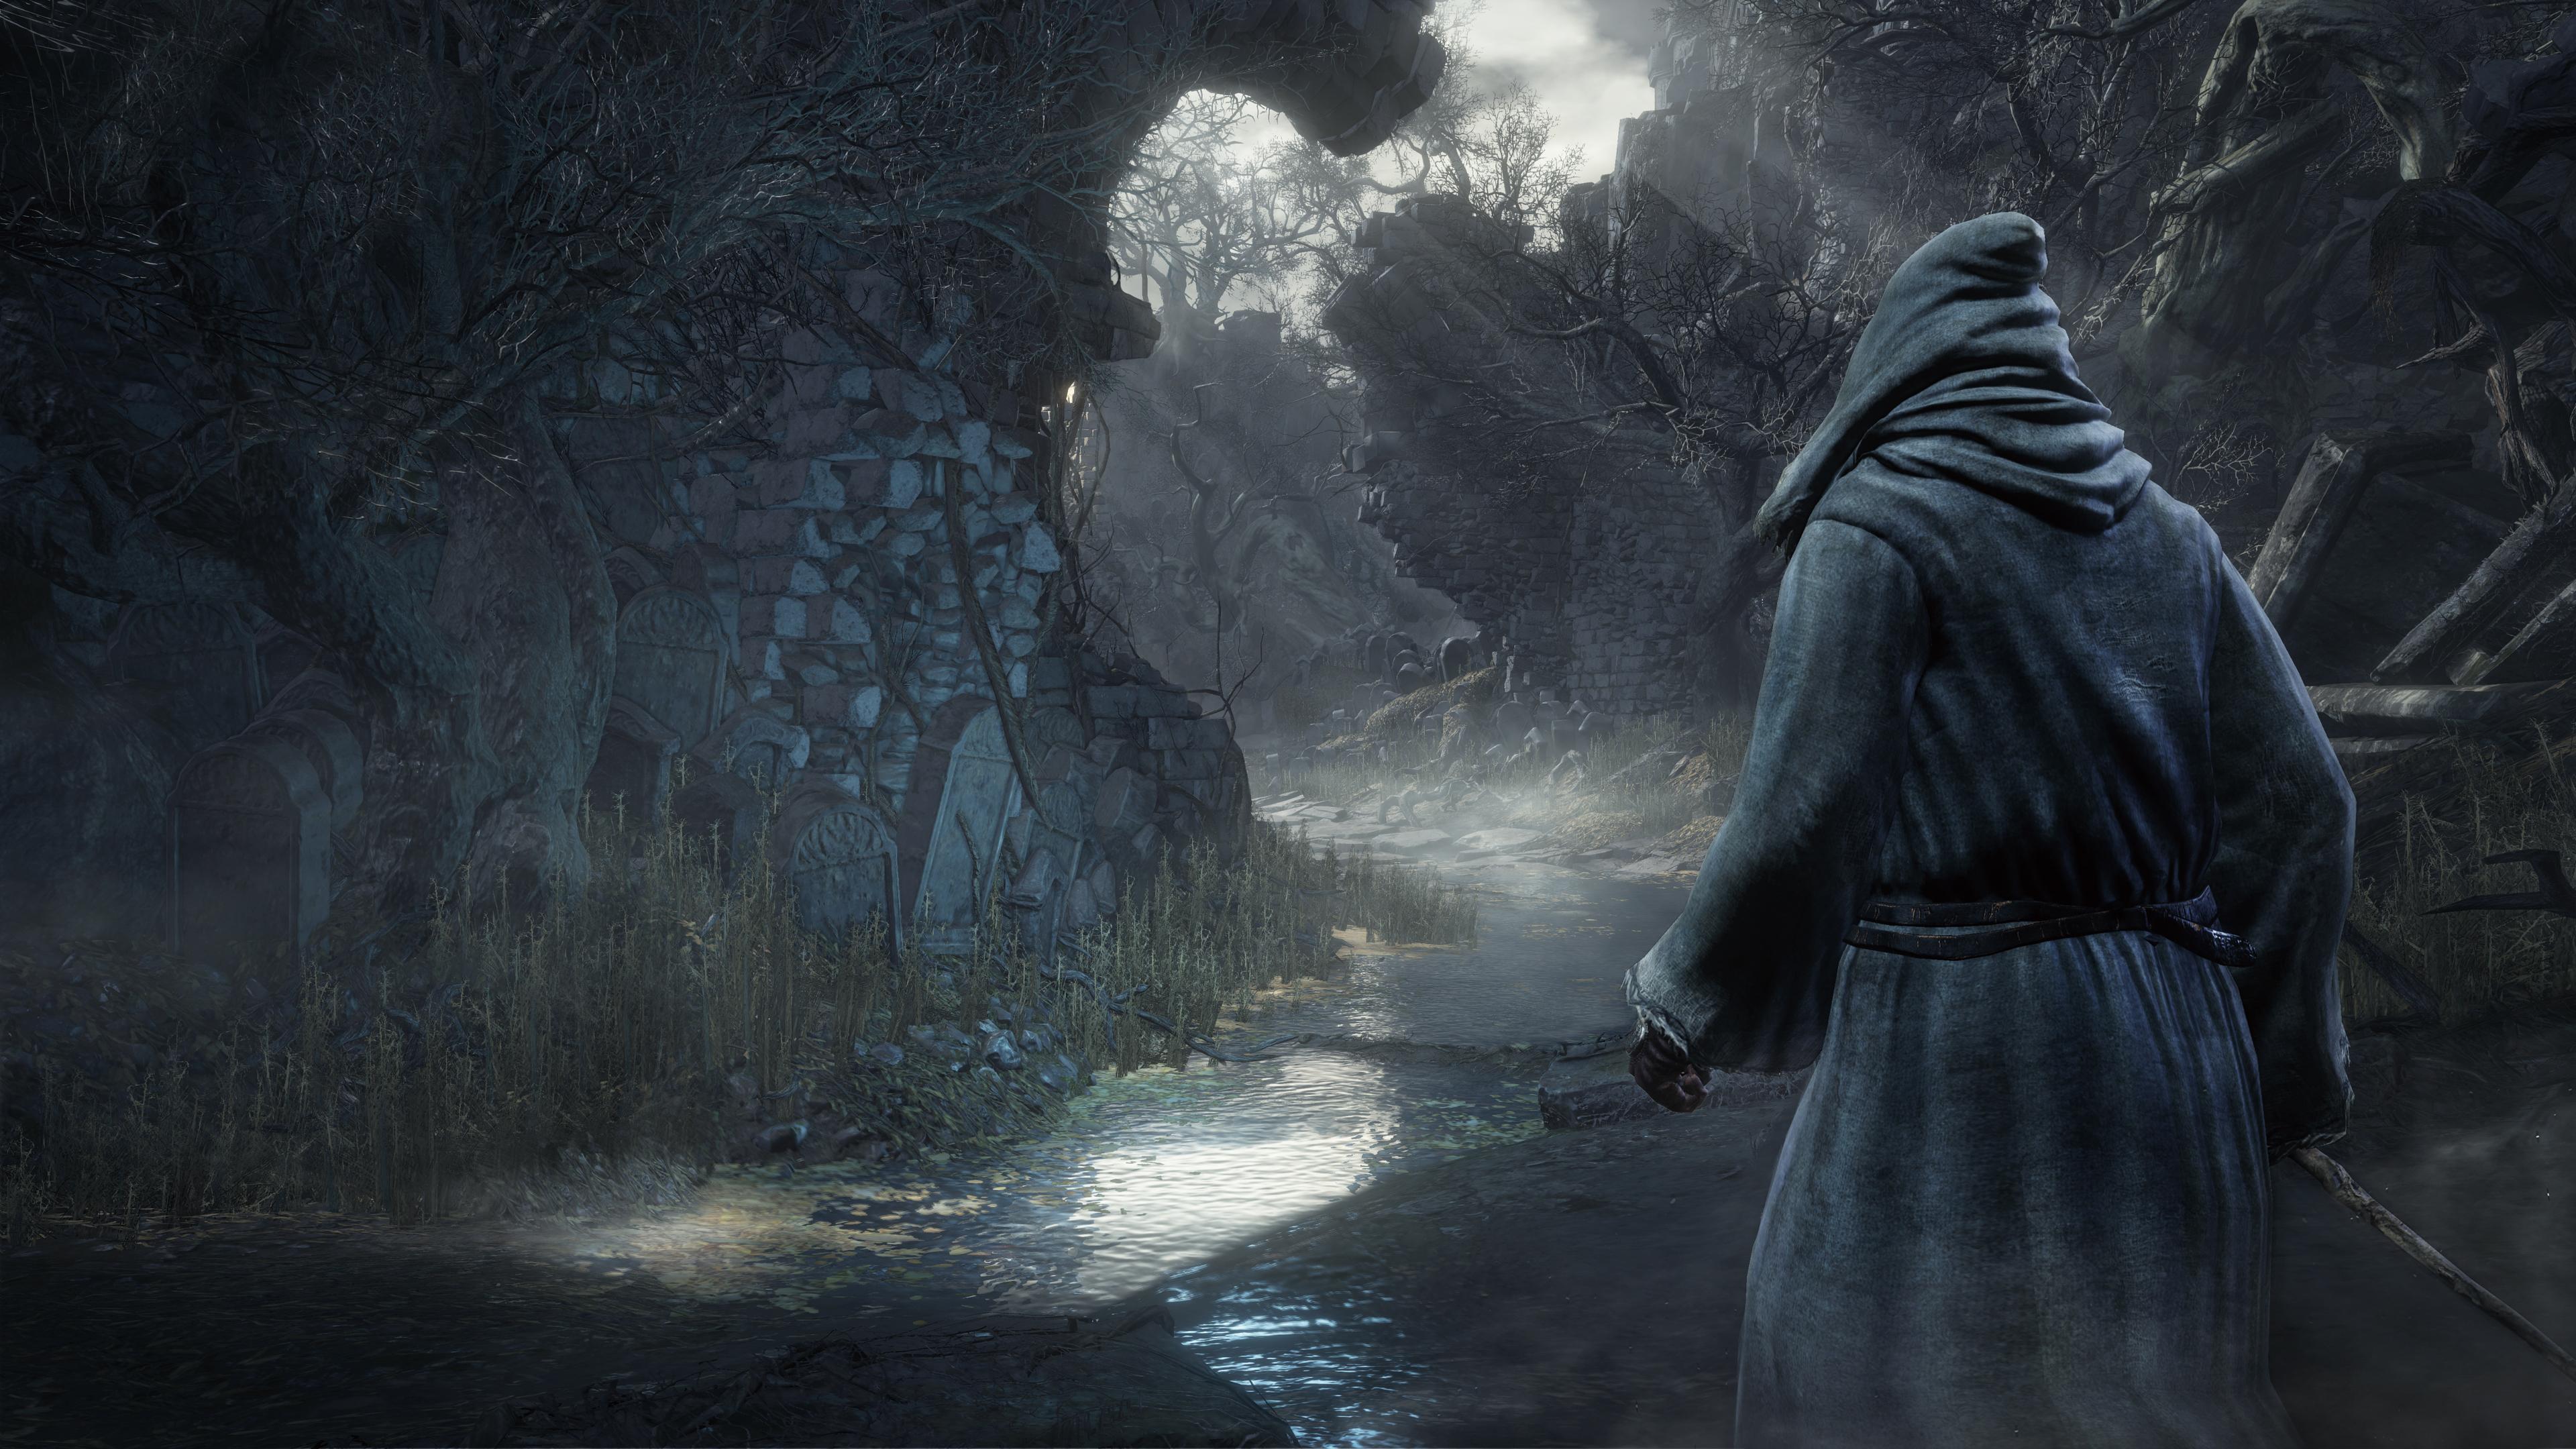 Wallpaper 4k The Dark Souls Video Game Dark Souls 3 Wallpapers